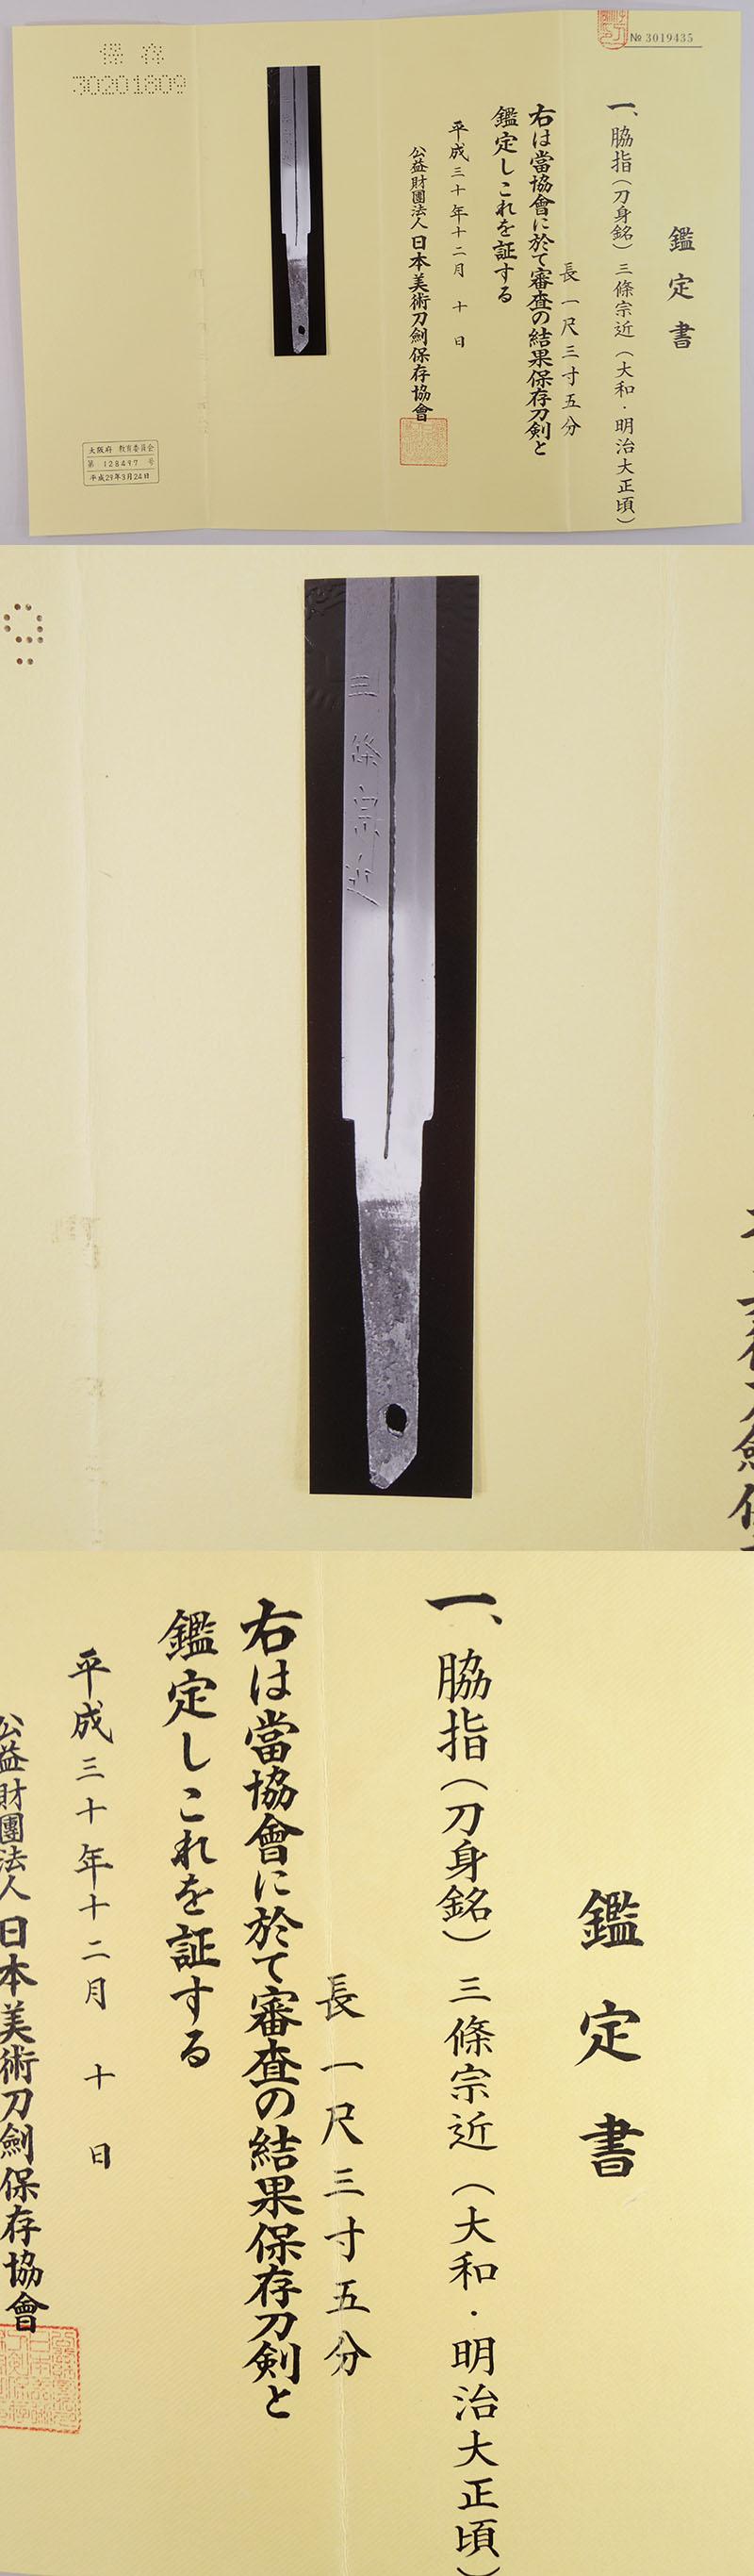 (刀身銘)三條宗近(大和・明治大正頃) Picture of Certificate